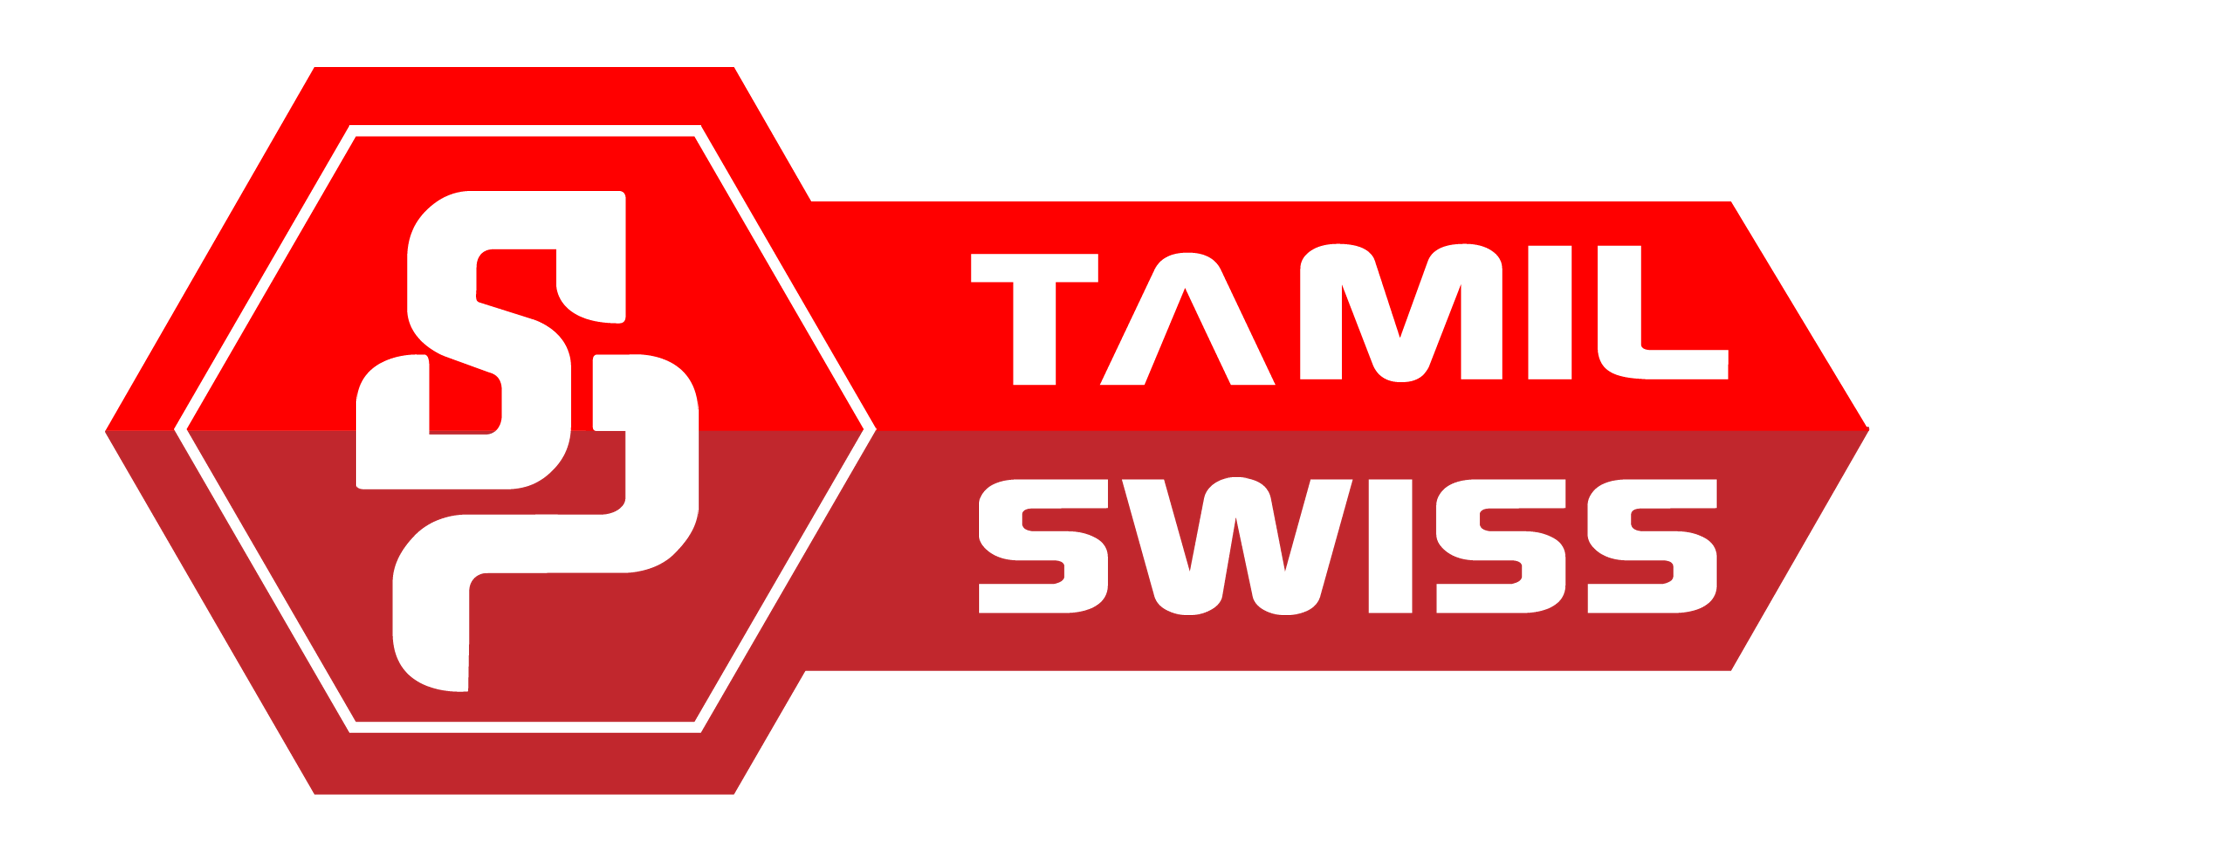 Tamilswiss.com